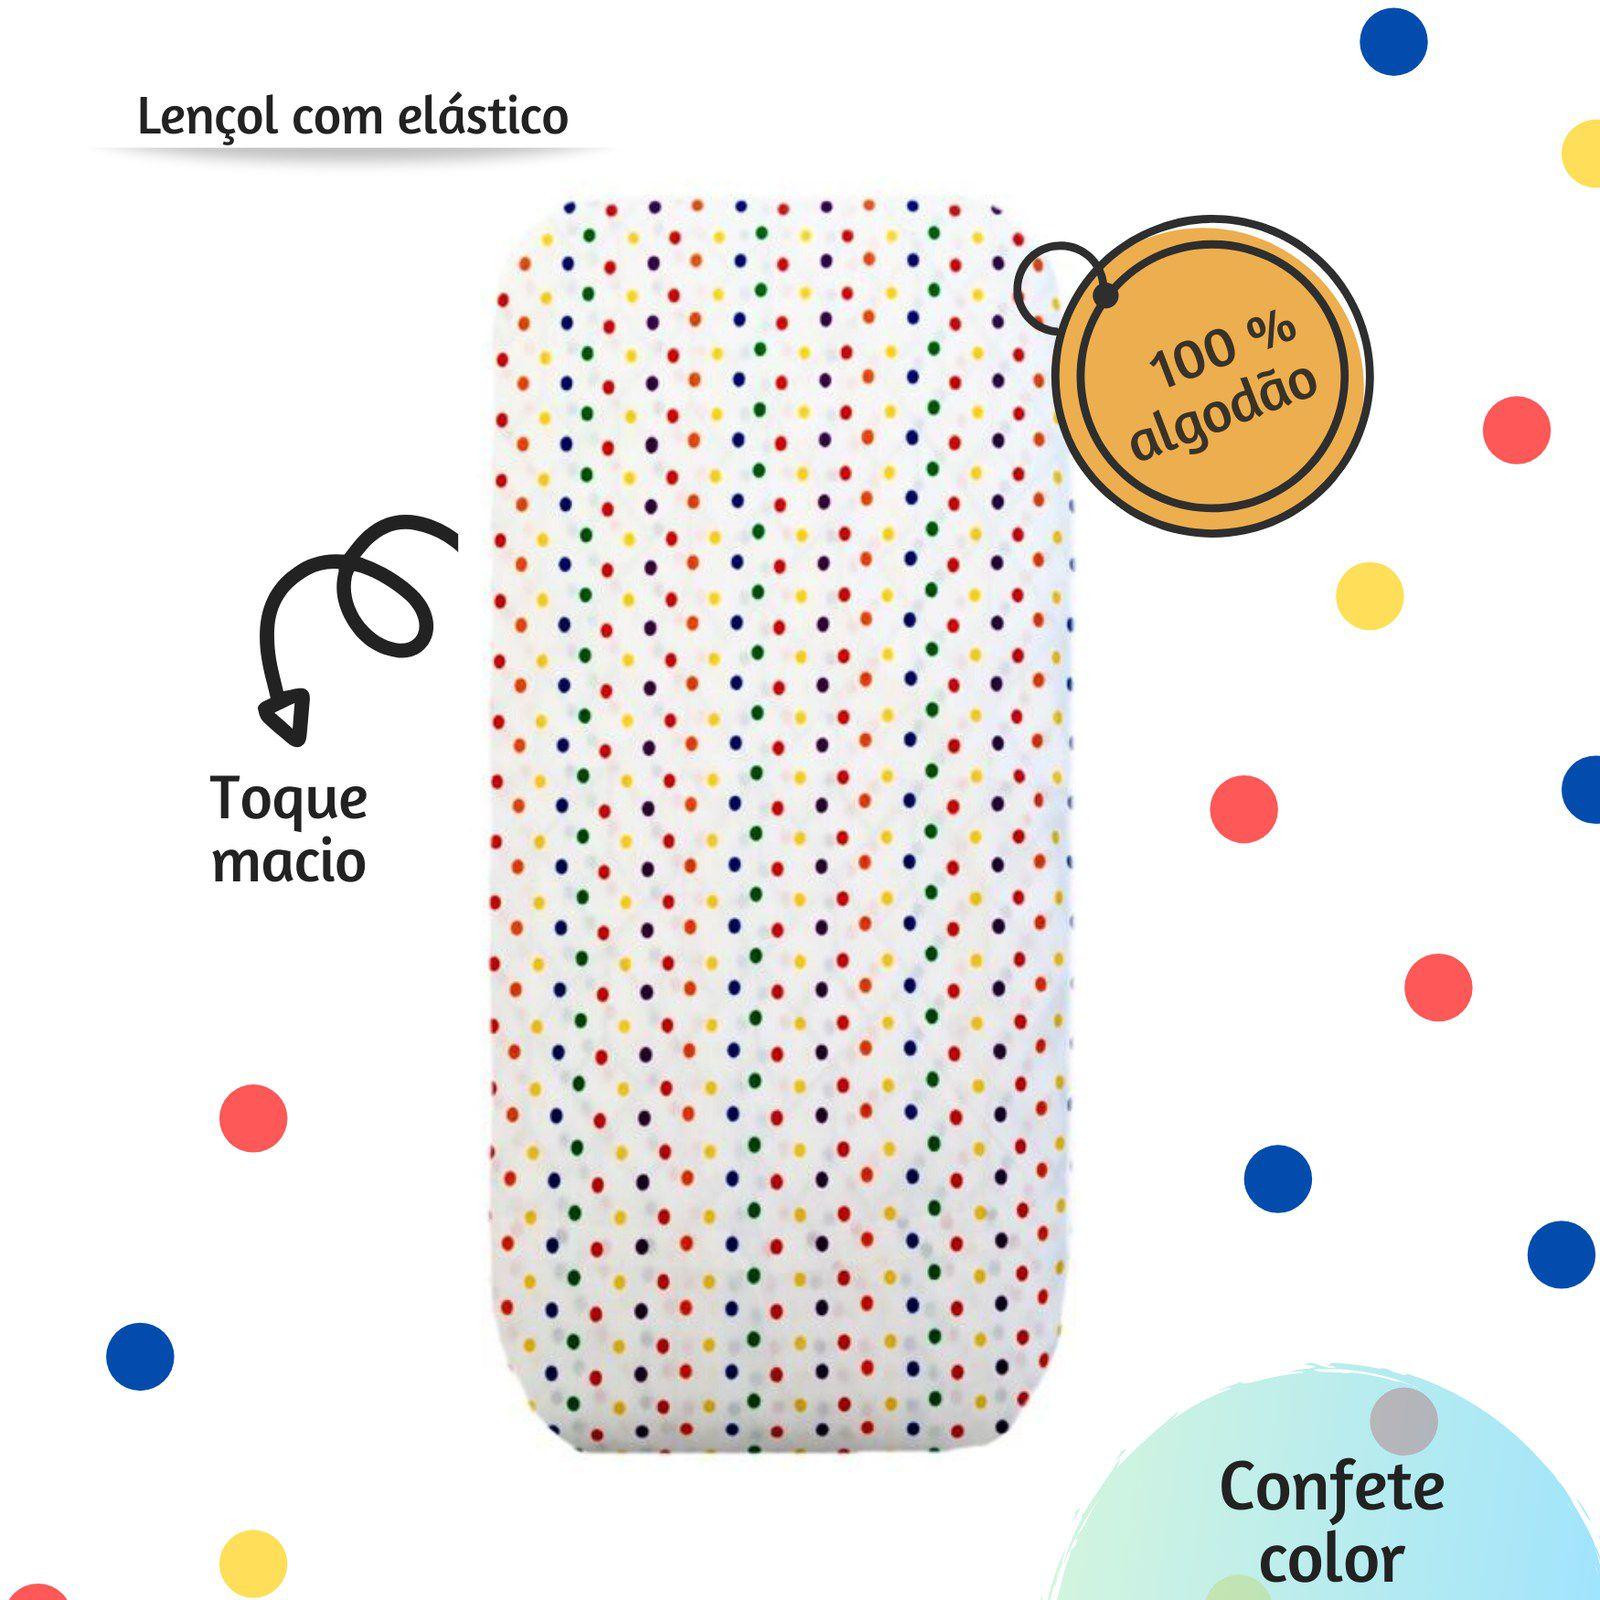 Lençol com elástico solteiro 88 x 188 cm  Confete color